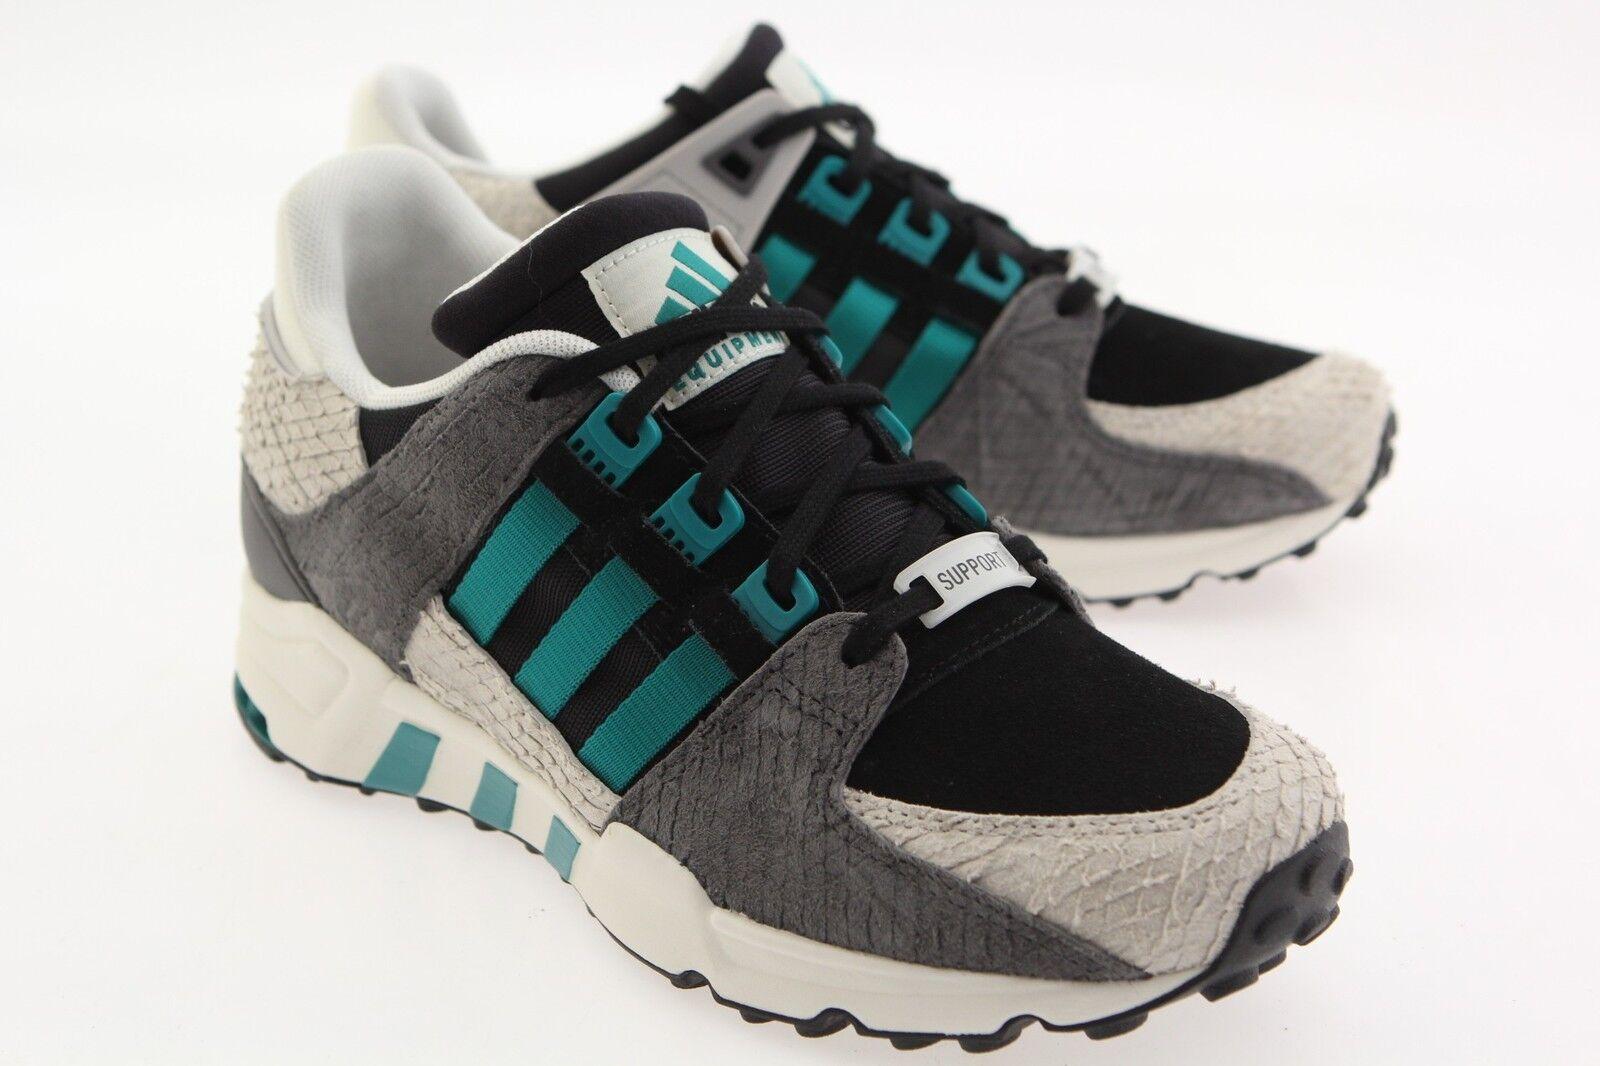 adidas - frauen unterstützung 93 schwarzen kern eqt eqt schwarz - adidas grün aus weißen s78910 6e3fa4